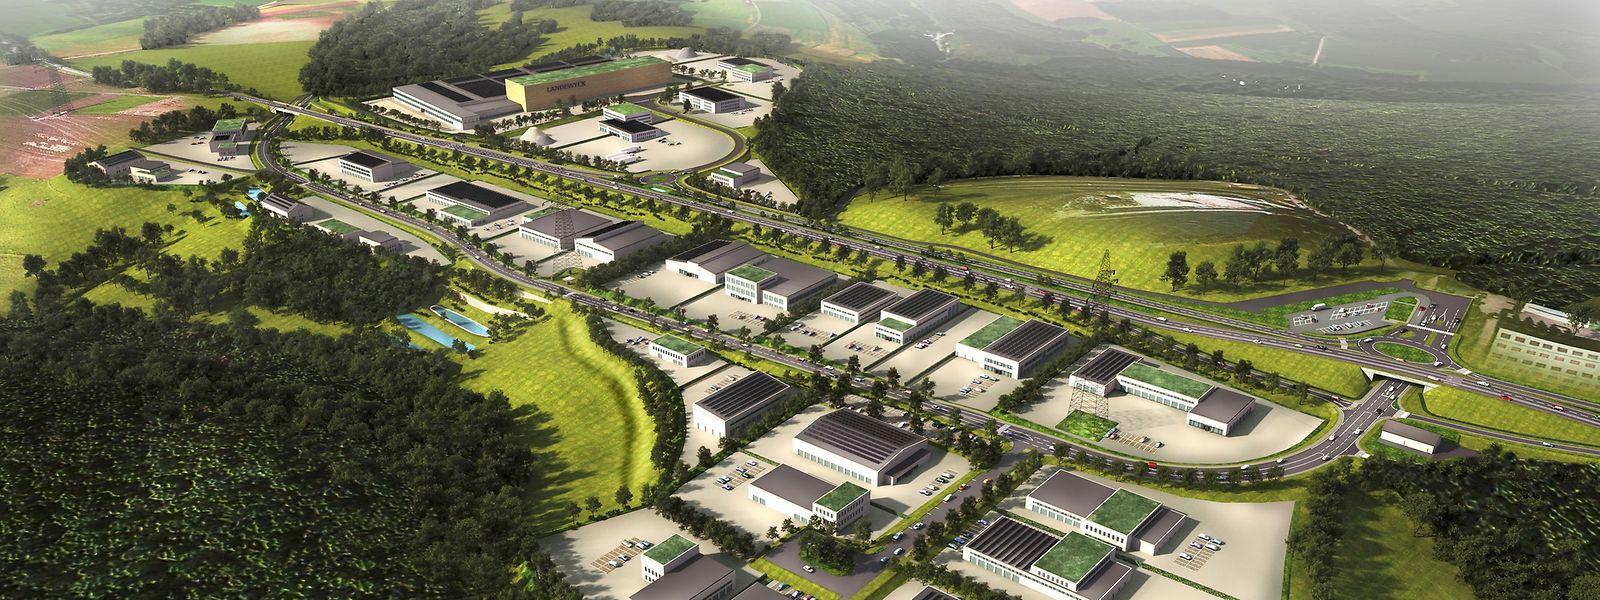 45,7 Hektar umfasst das künftige Gewerbegebiet insgesamt.